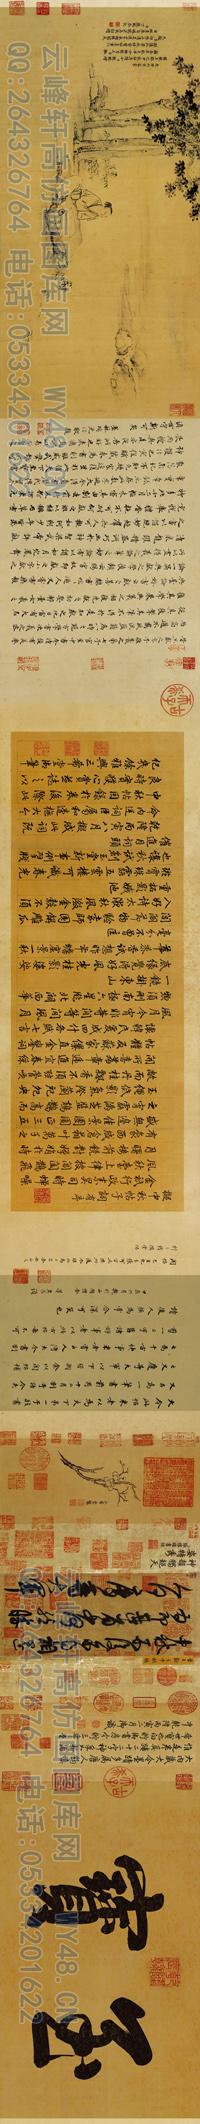 晋-王献之-中秋帖-纸本